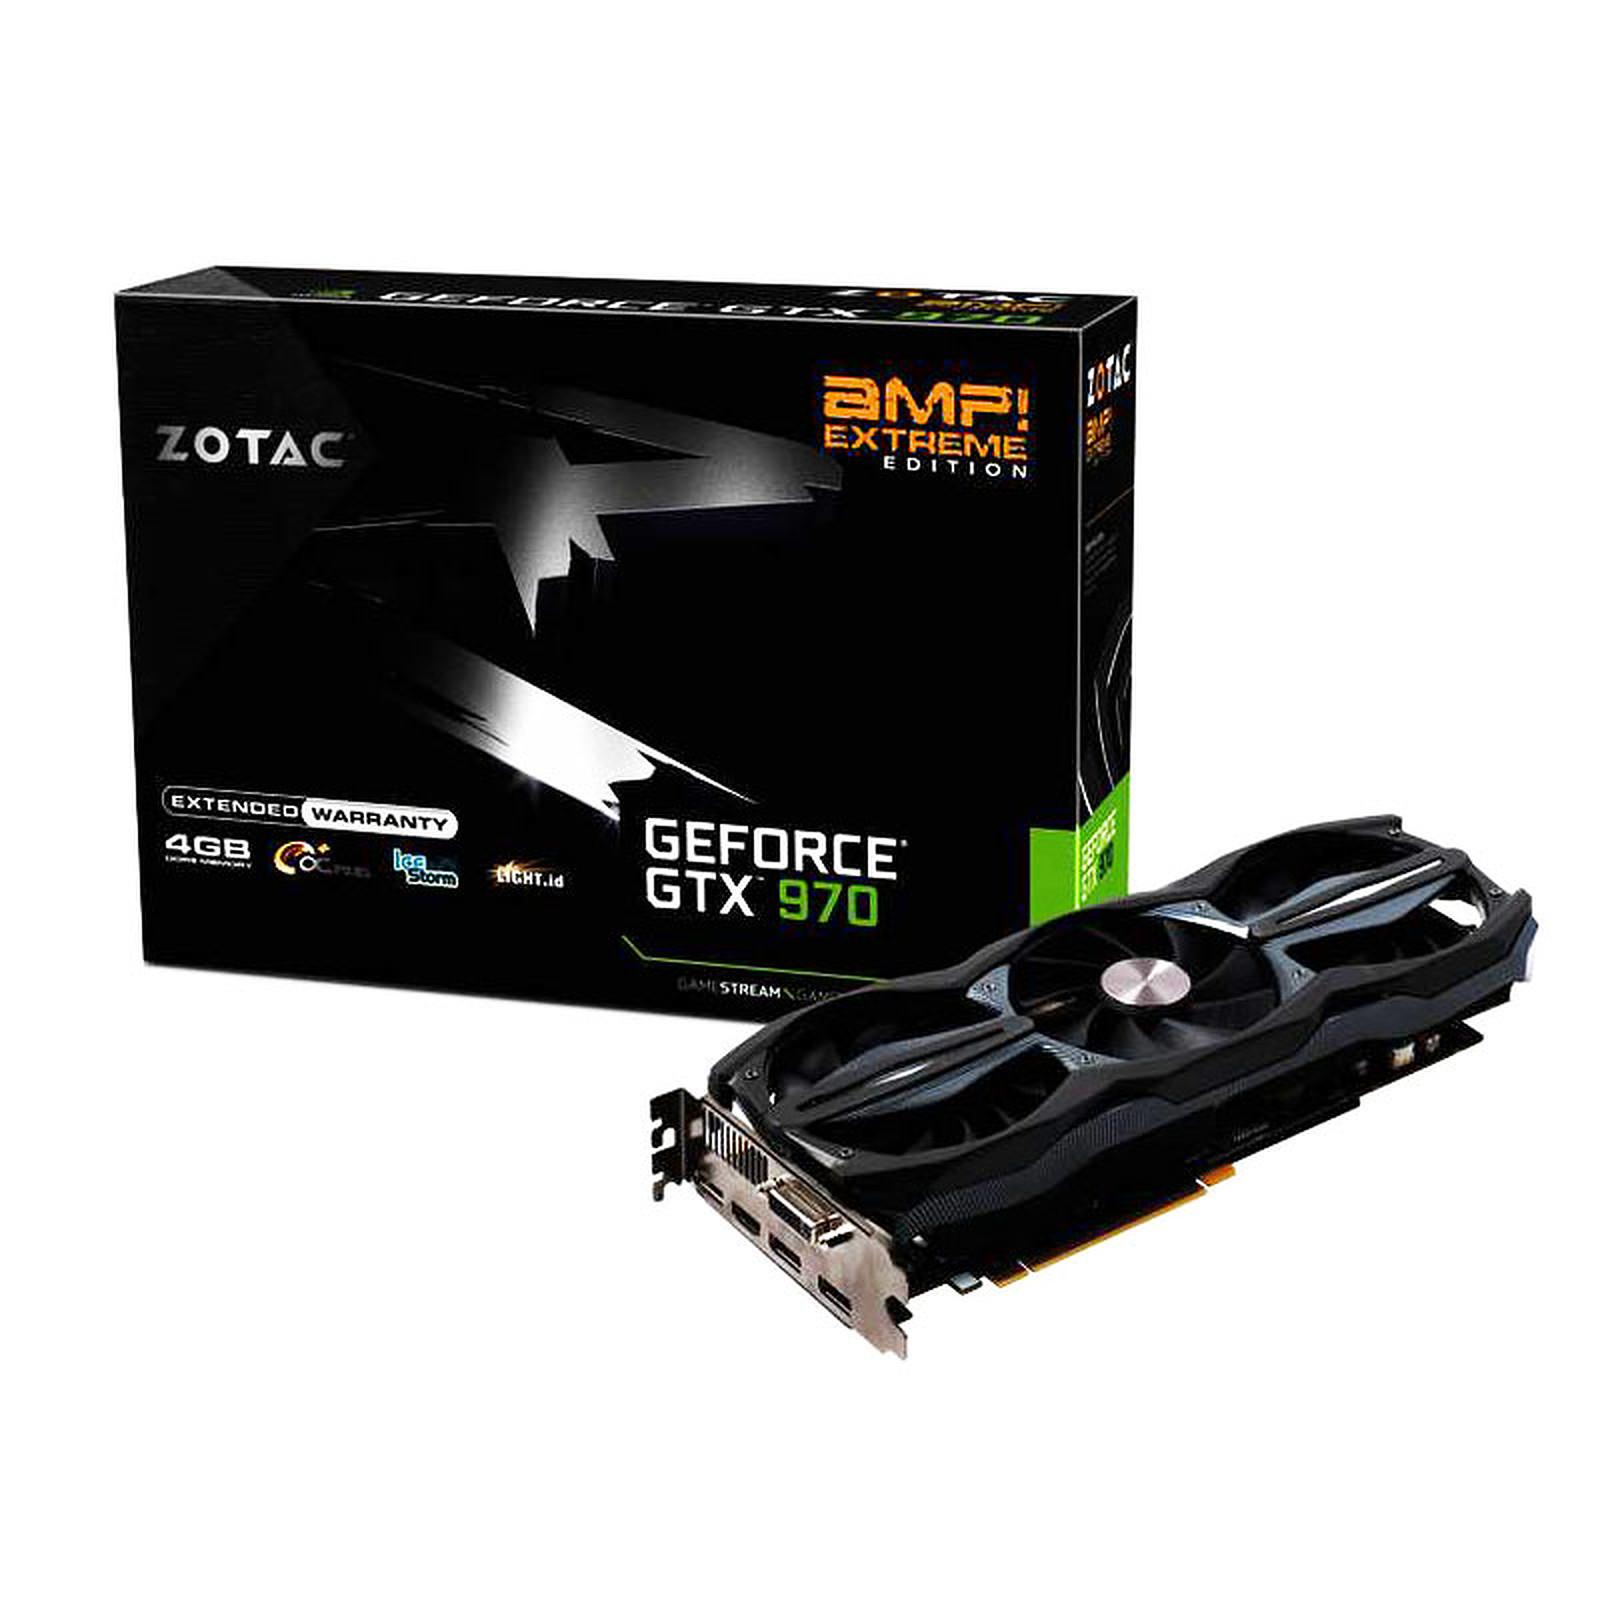 ZOTAC GeForce GTX 970 AMP! Extreme Edition 4 GB